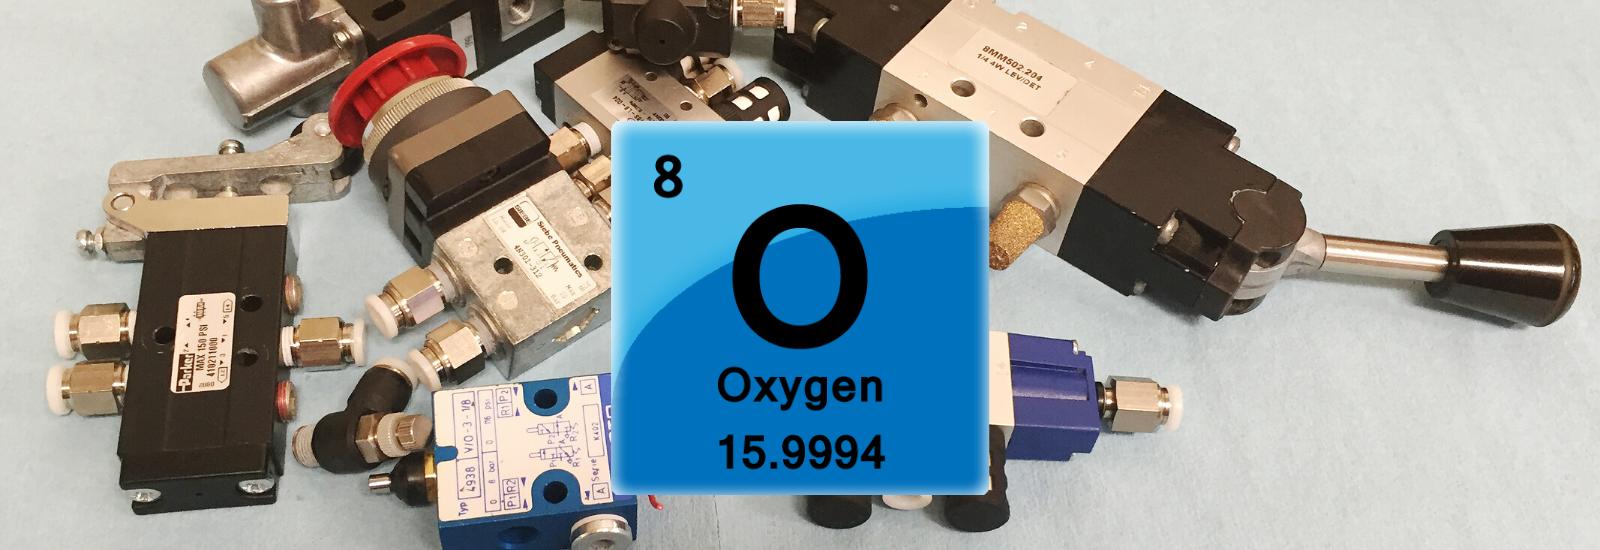 lubrificazione valvole pneumatiche per ossigeno con Pneusynth 500 OX